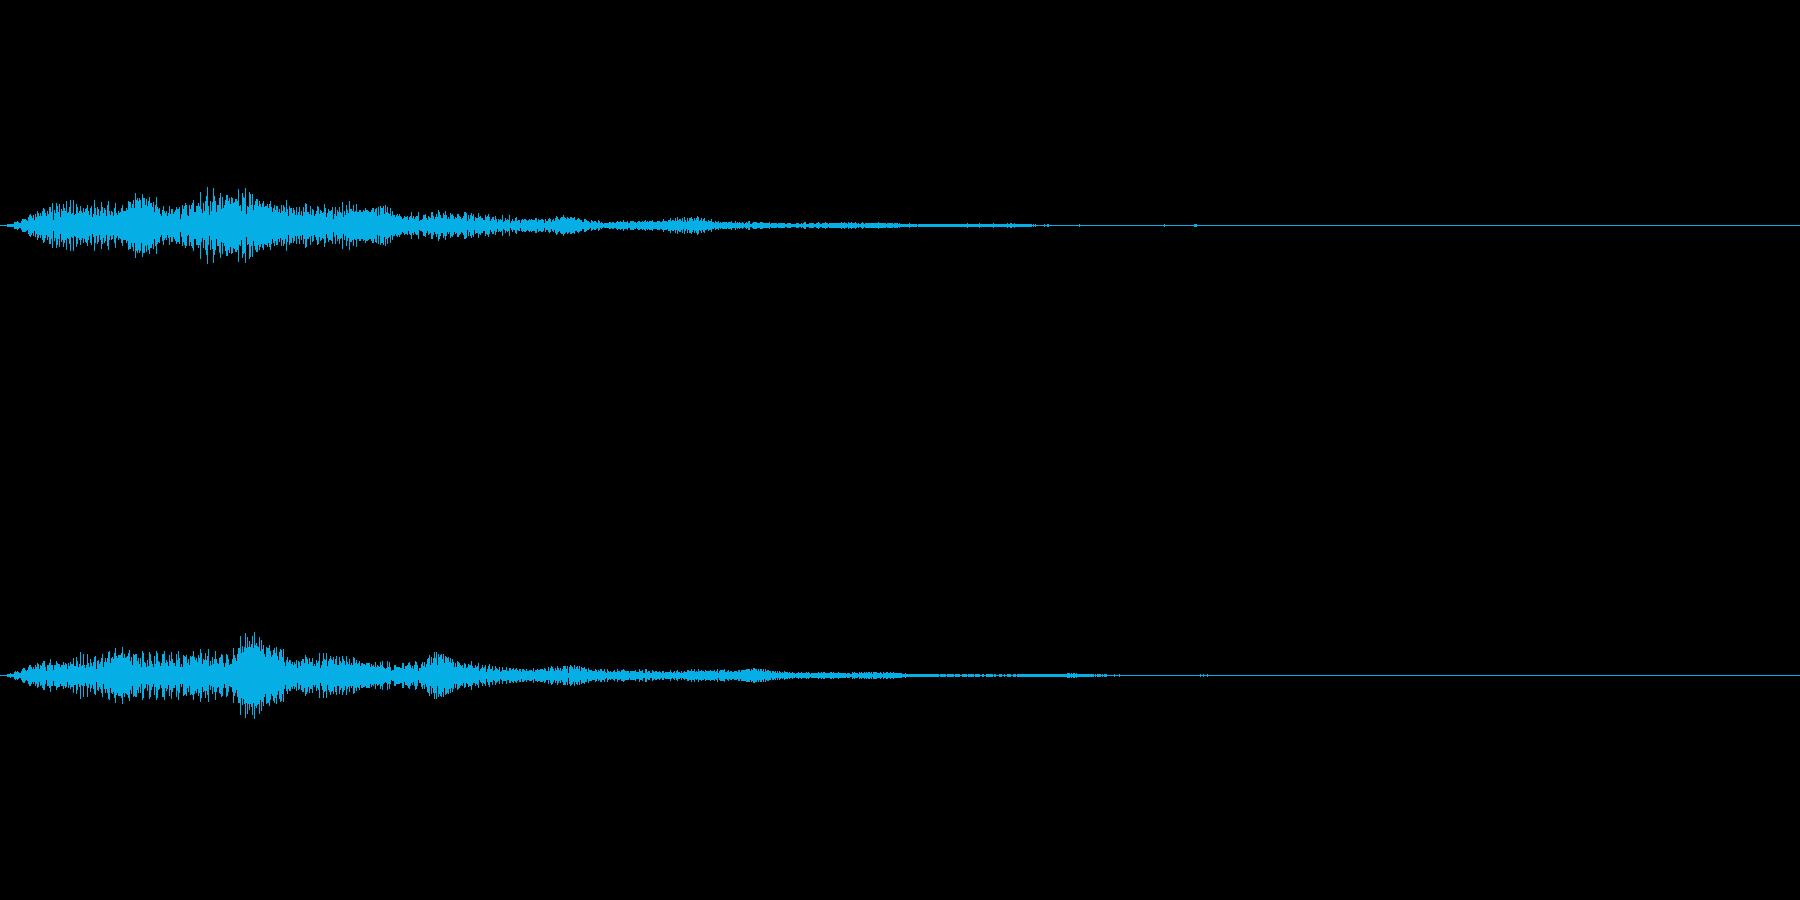 軽いタッチのボタン操作音の再生済みの波形